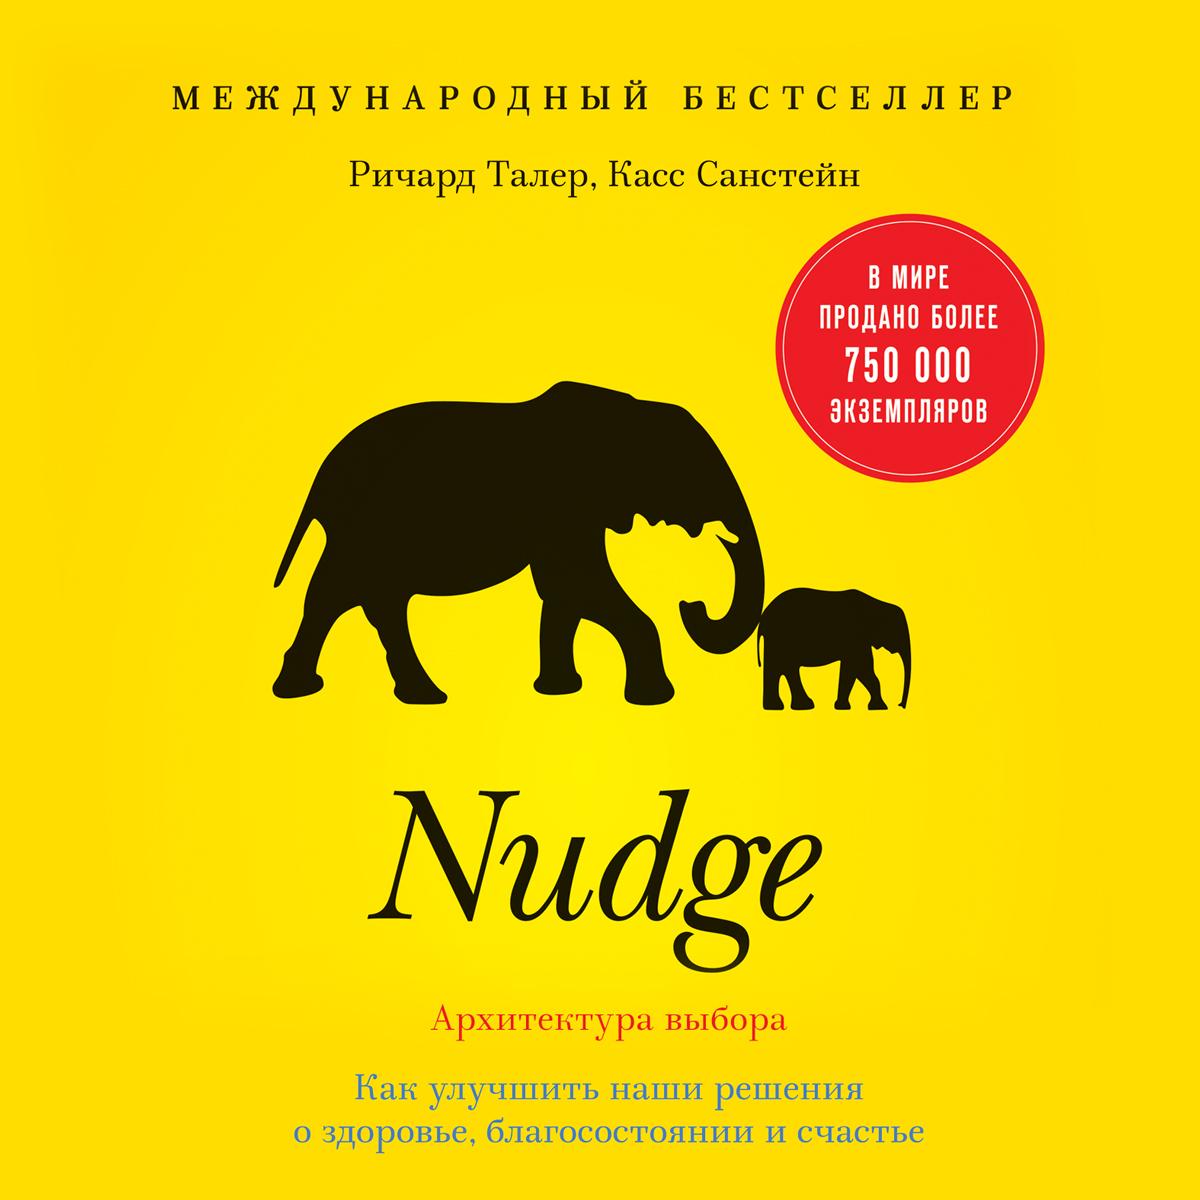 Архитектура выбора Nudge.. Как улучшить наши решения о здоровье, благосостоянии и счастье